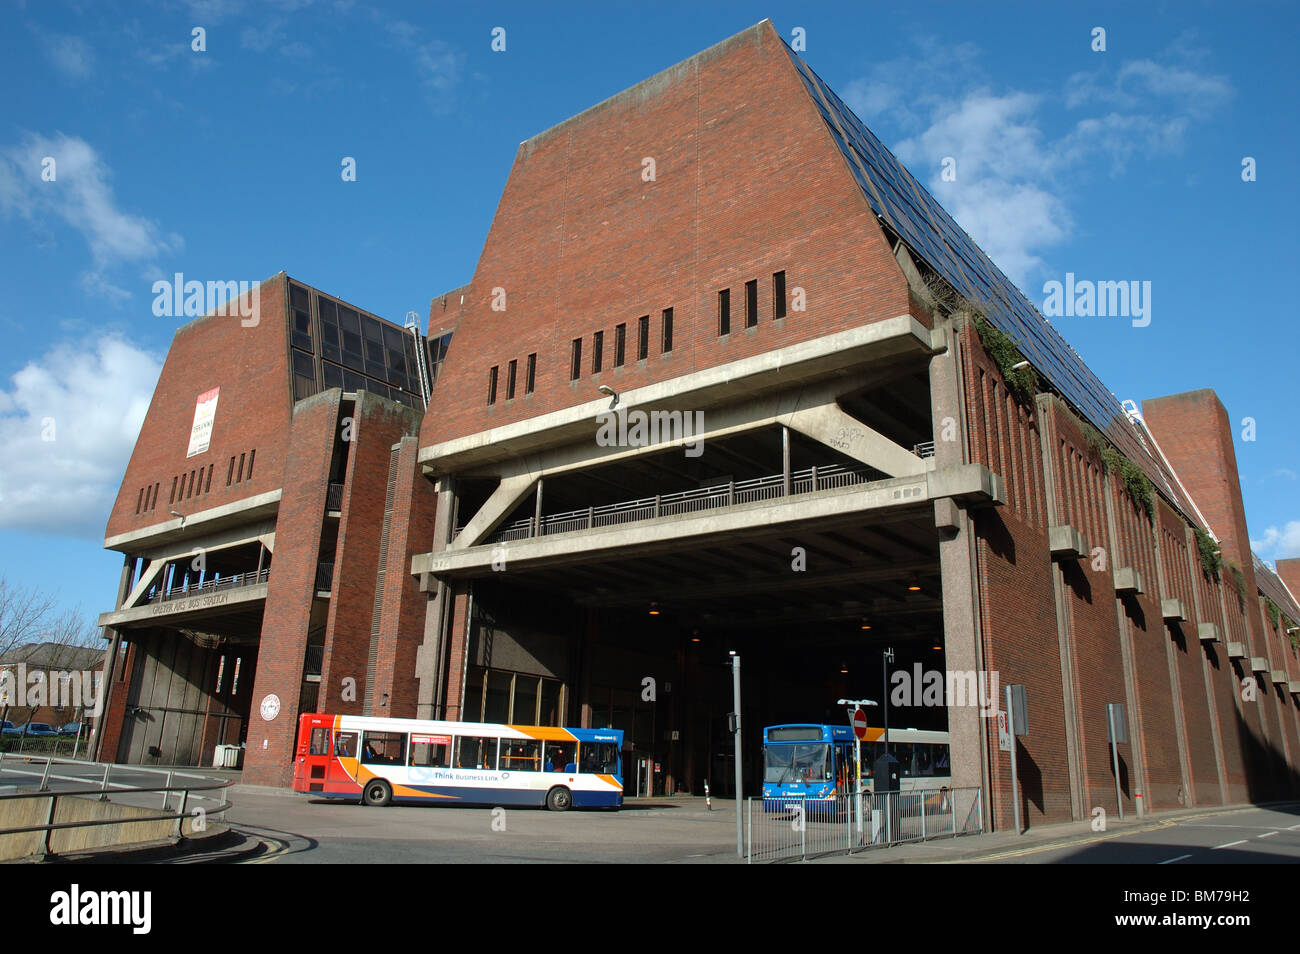 Northampton Greyfriars bus station, Northampton, England, UK - Stock Image